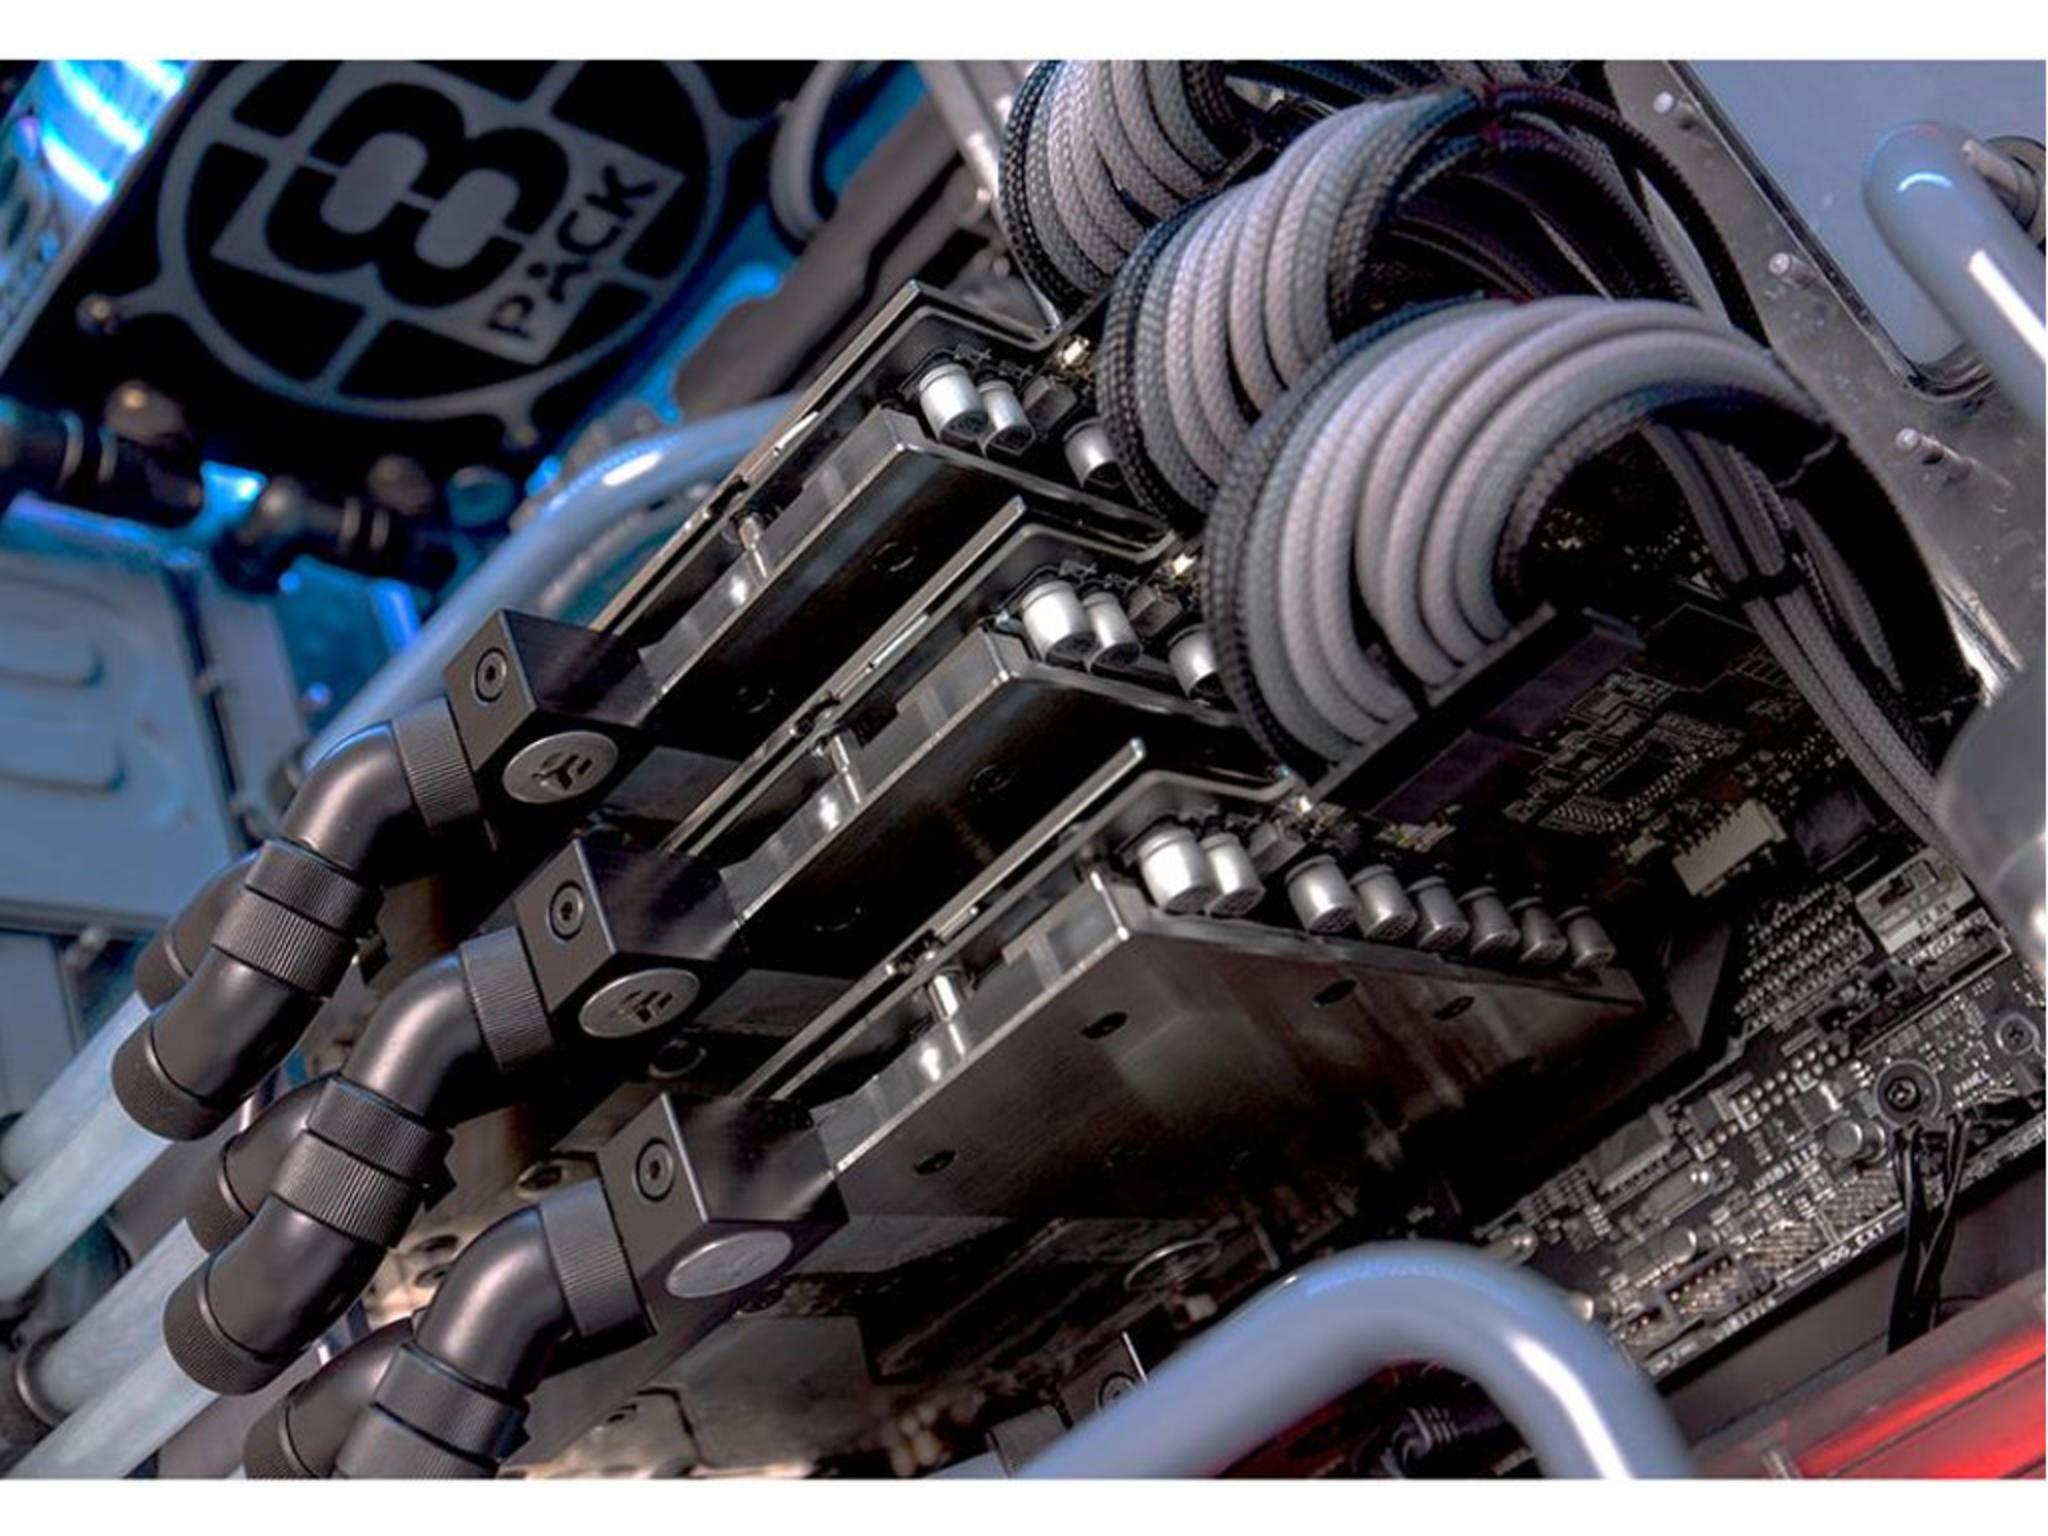 Drei Nvidia GTX 980 Ti-Grafikkarten sorgen für tolle Bilder.